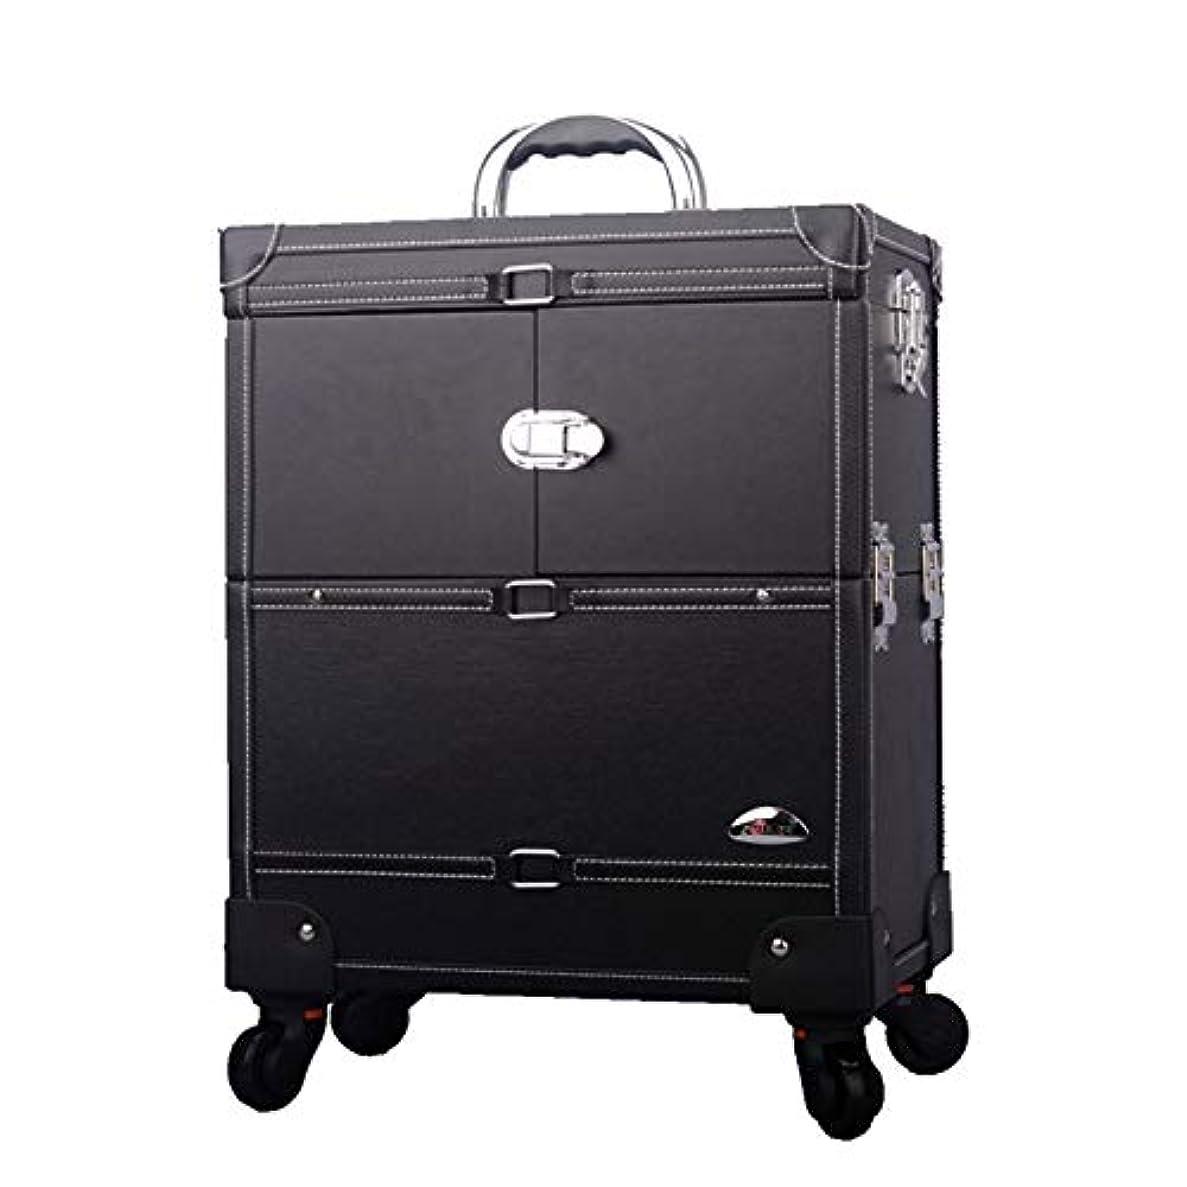 スポンジ自分ローププロ専用 美容師 クローゼット スーツケース メイクボックス キャリーバッグ ヘアメイク プロ 大容量 軽量 高品質 多機能 I-JL-3623T-B-T